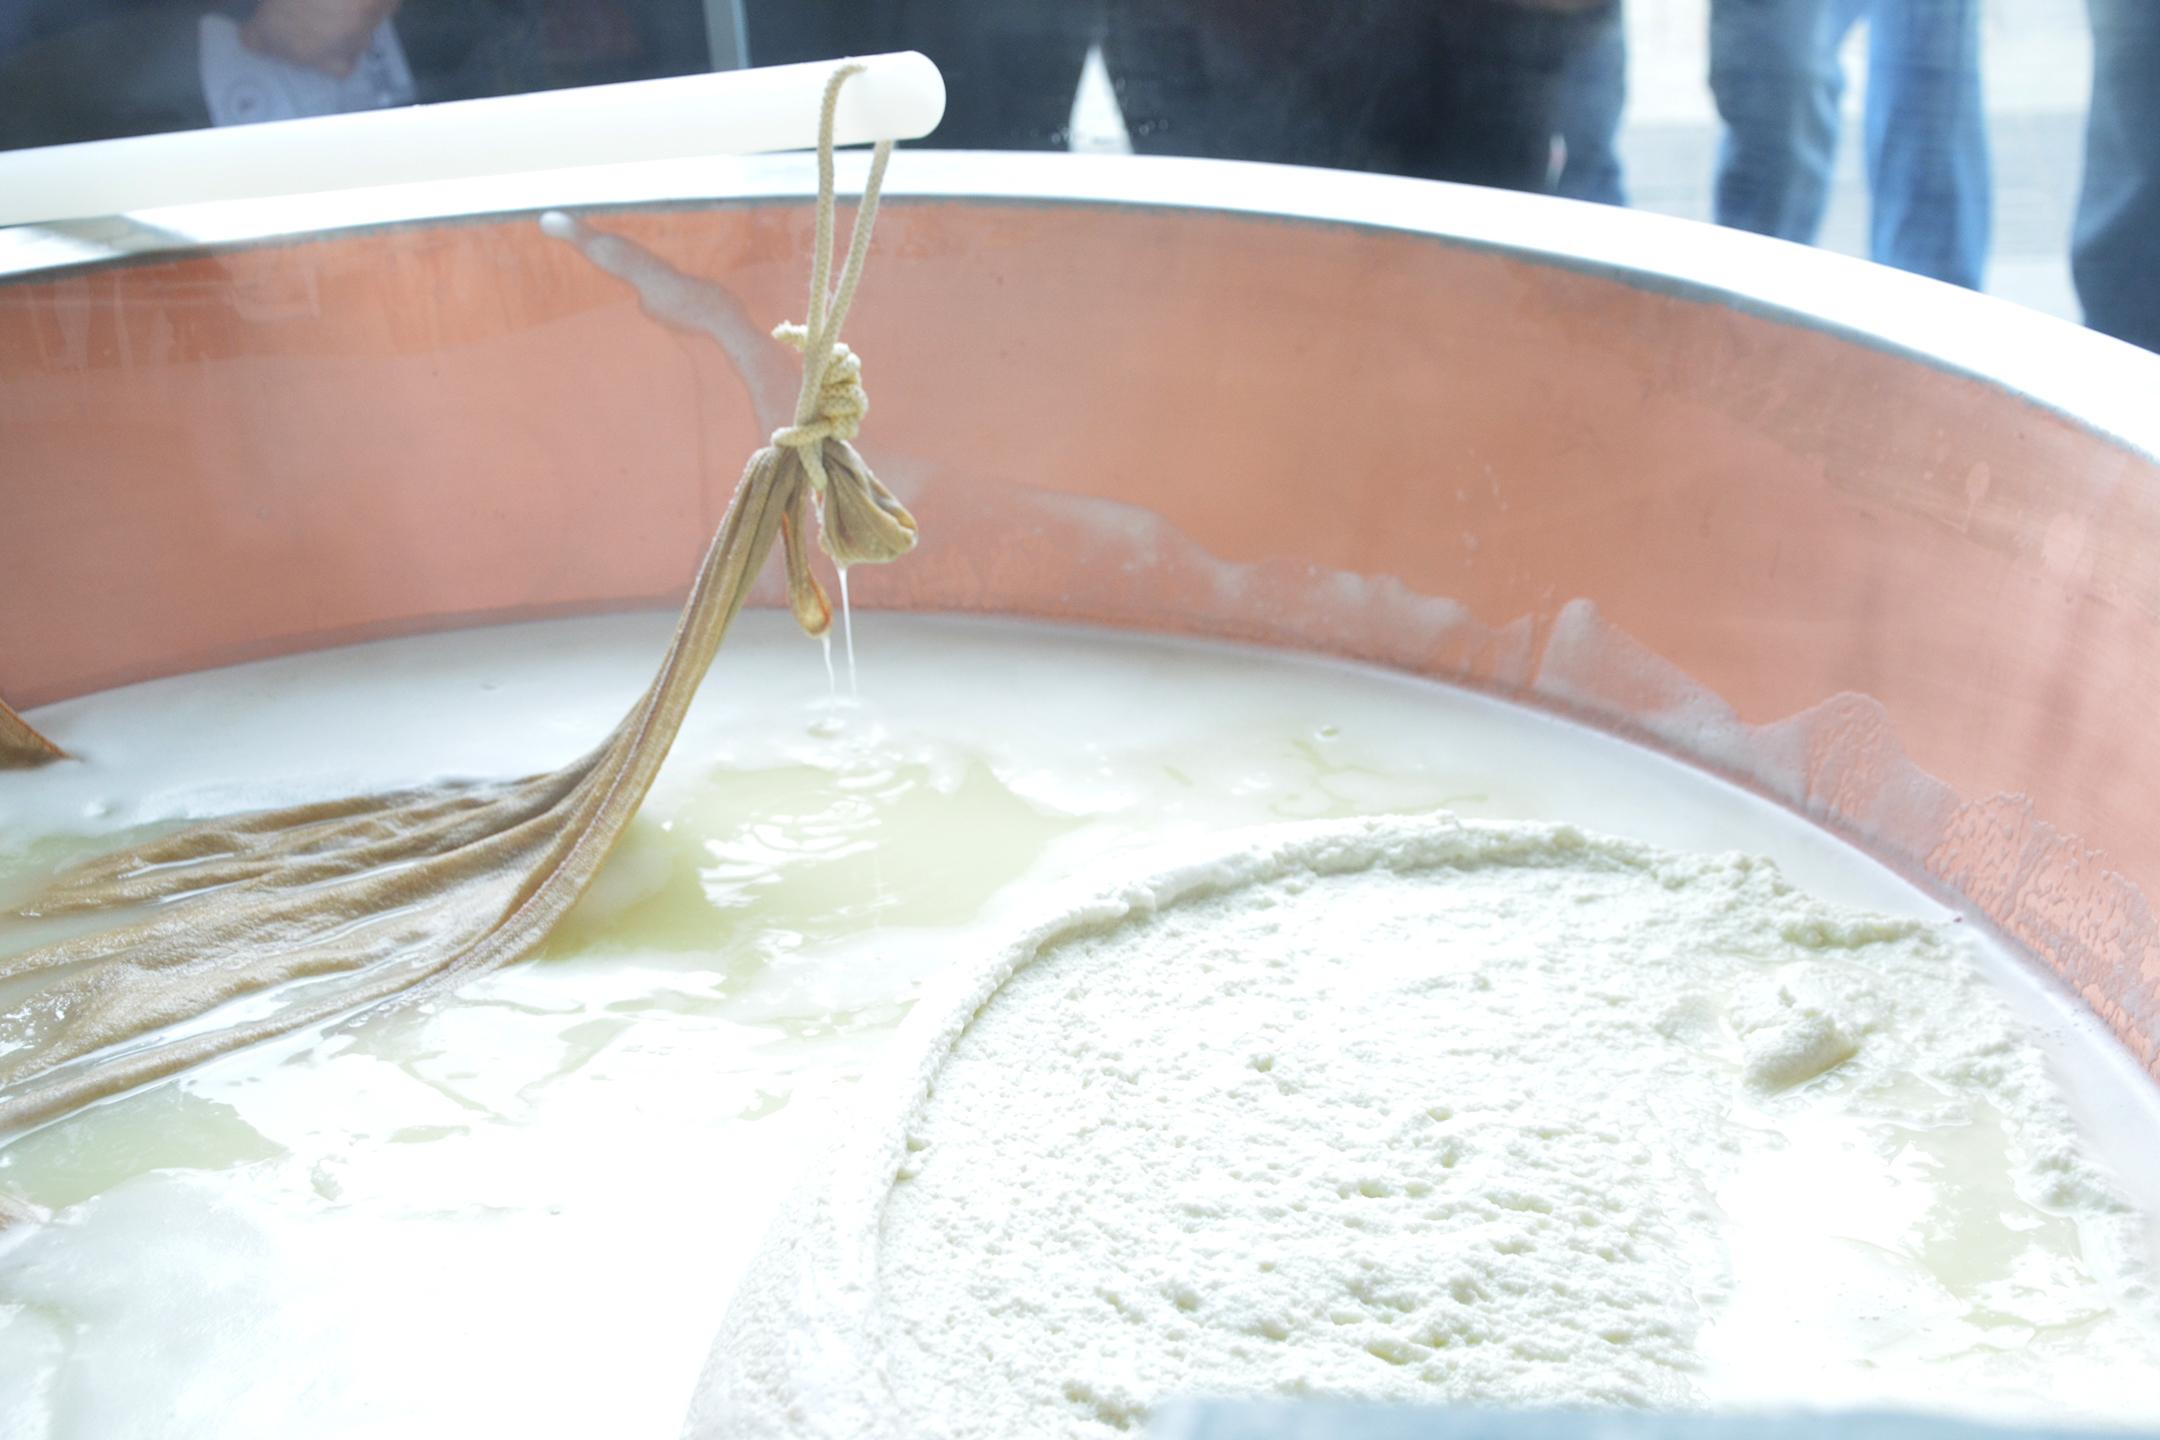 styleshouts-expo-grana-padano-forme-lavorazione-dop-conservazione-cheese